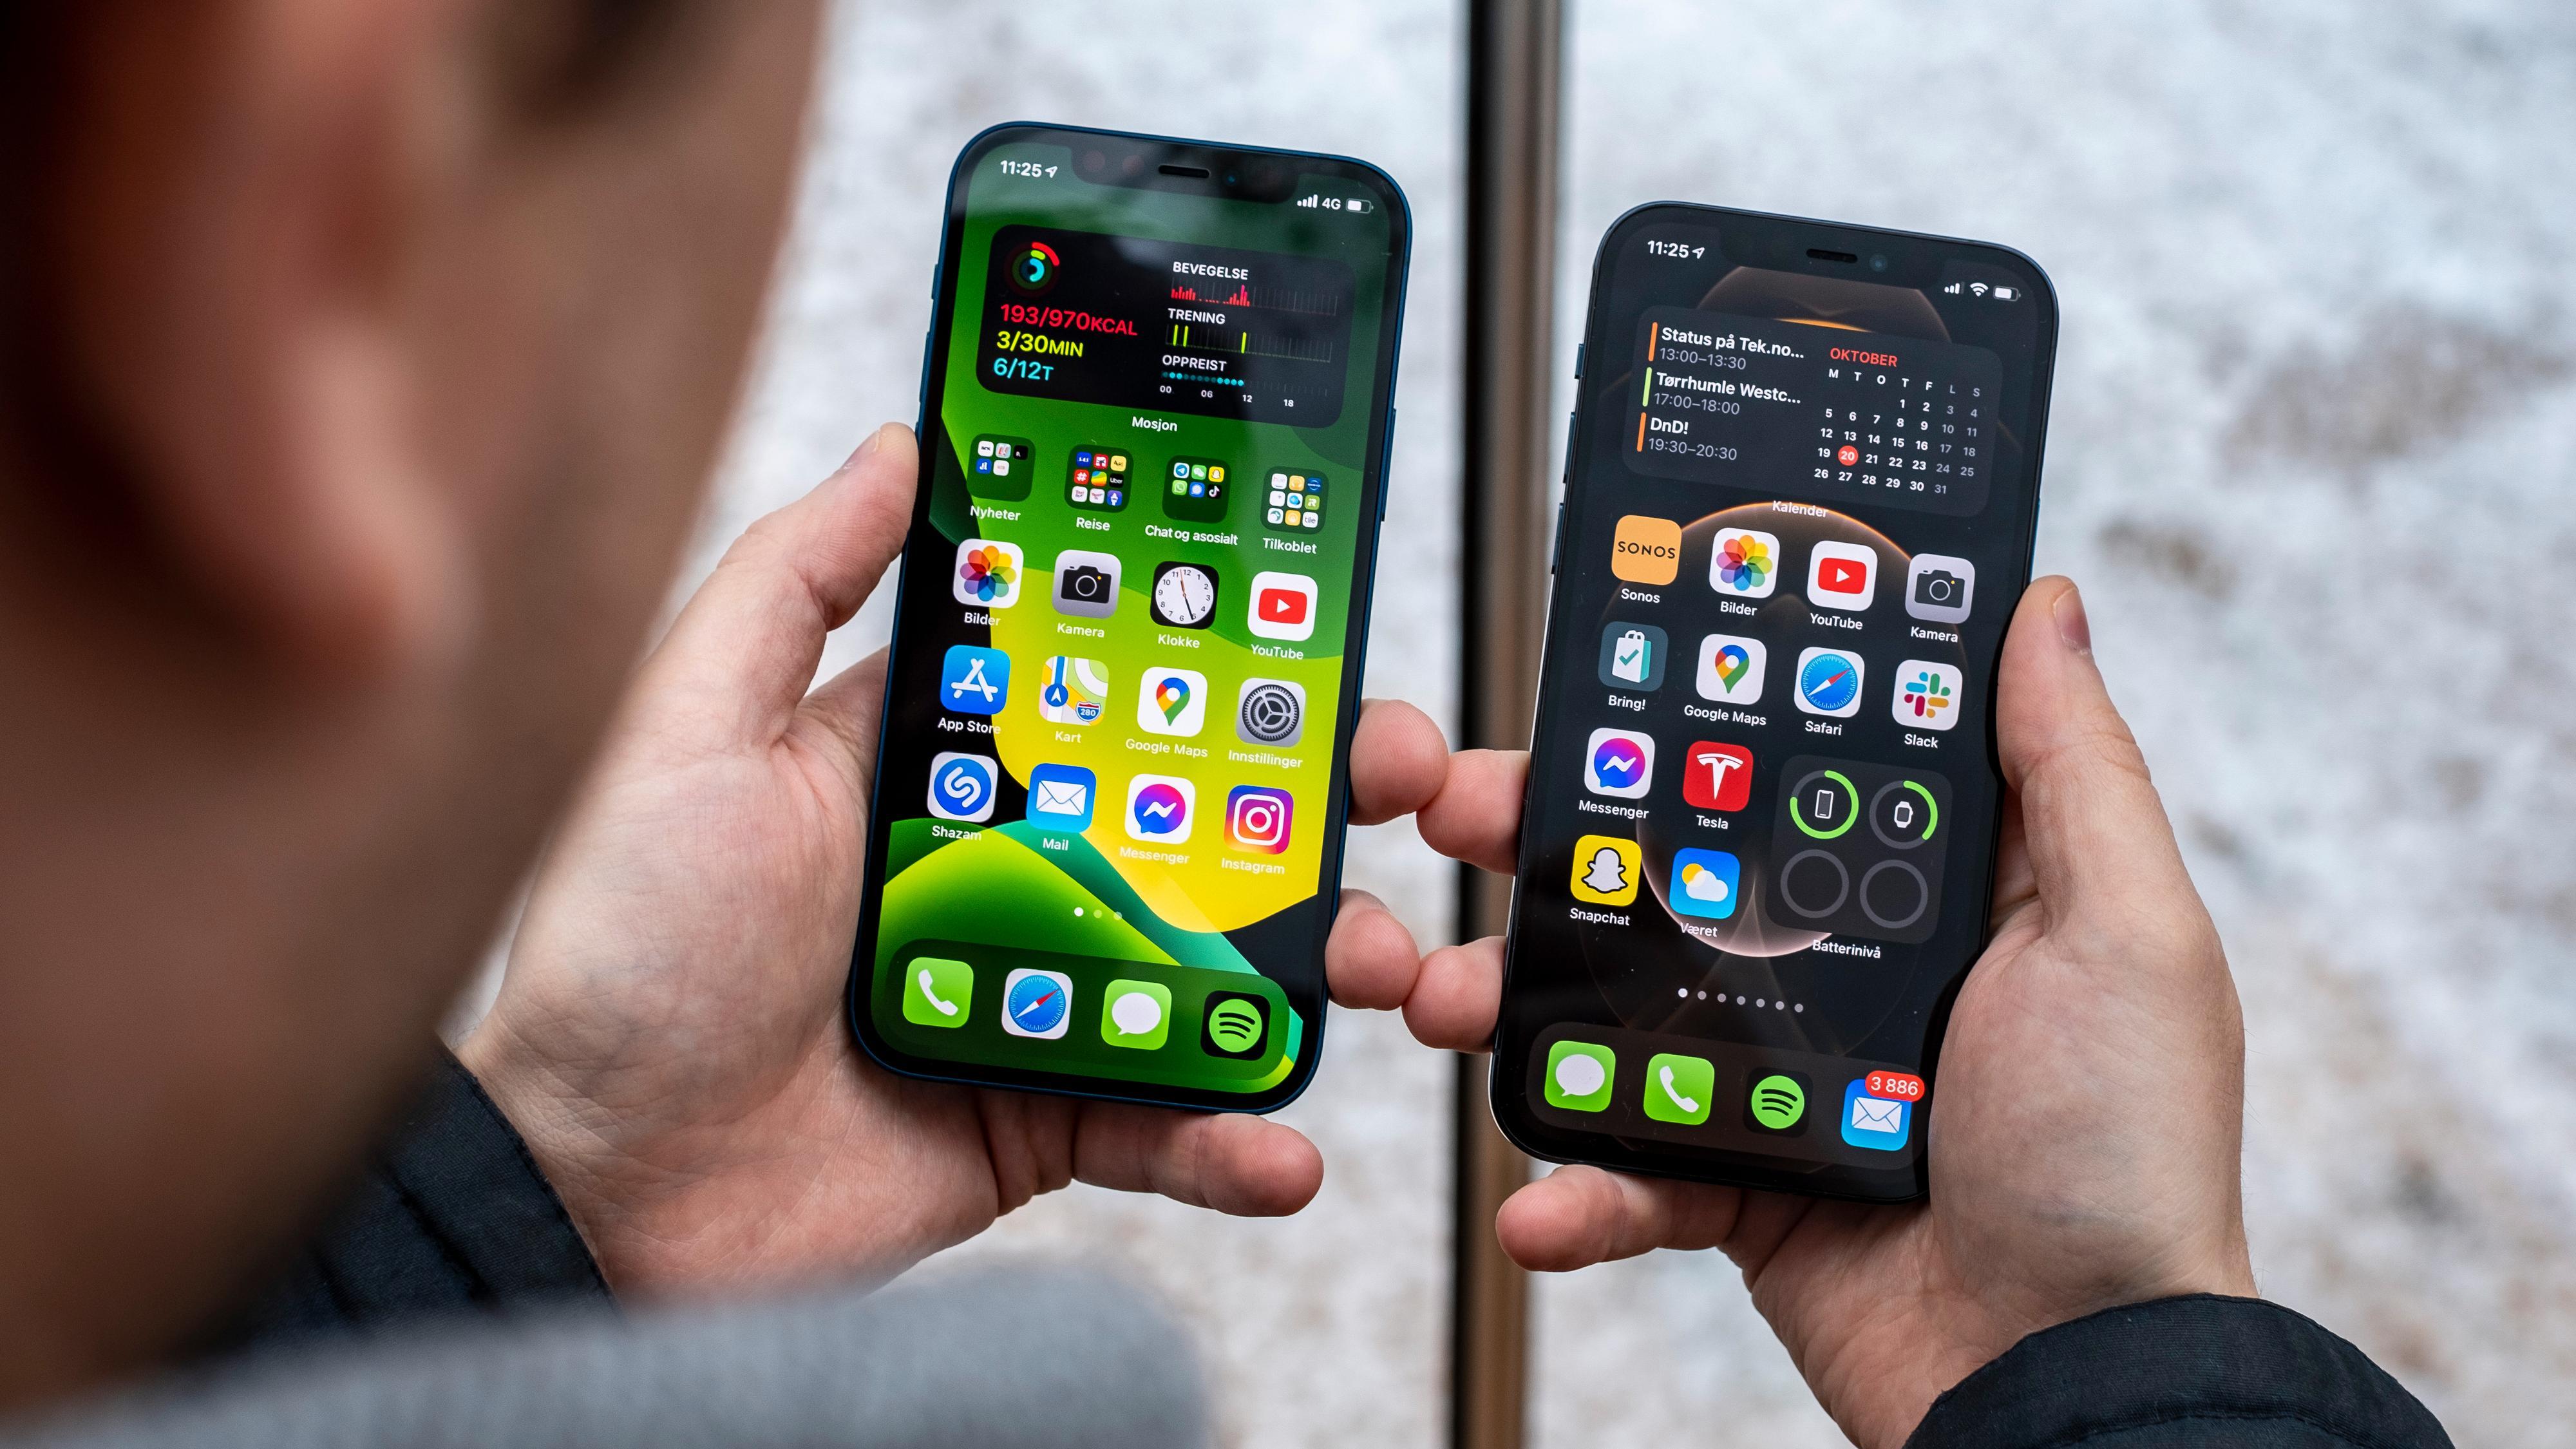 iPhone 12 til venstre, iPhone 12 Pro til høyre. Skal du være sikker på om du ser på en iPhone 12 eller Pro-versjonen bør du nesten se på de to telefonene bakfra, der antall kamera og sensorer tydelig skiller dem, i tillegg til fargene hvis du vet hvilke som er i Apples fargekart.